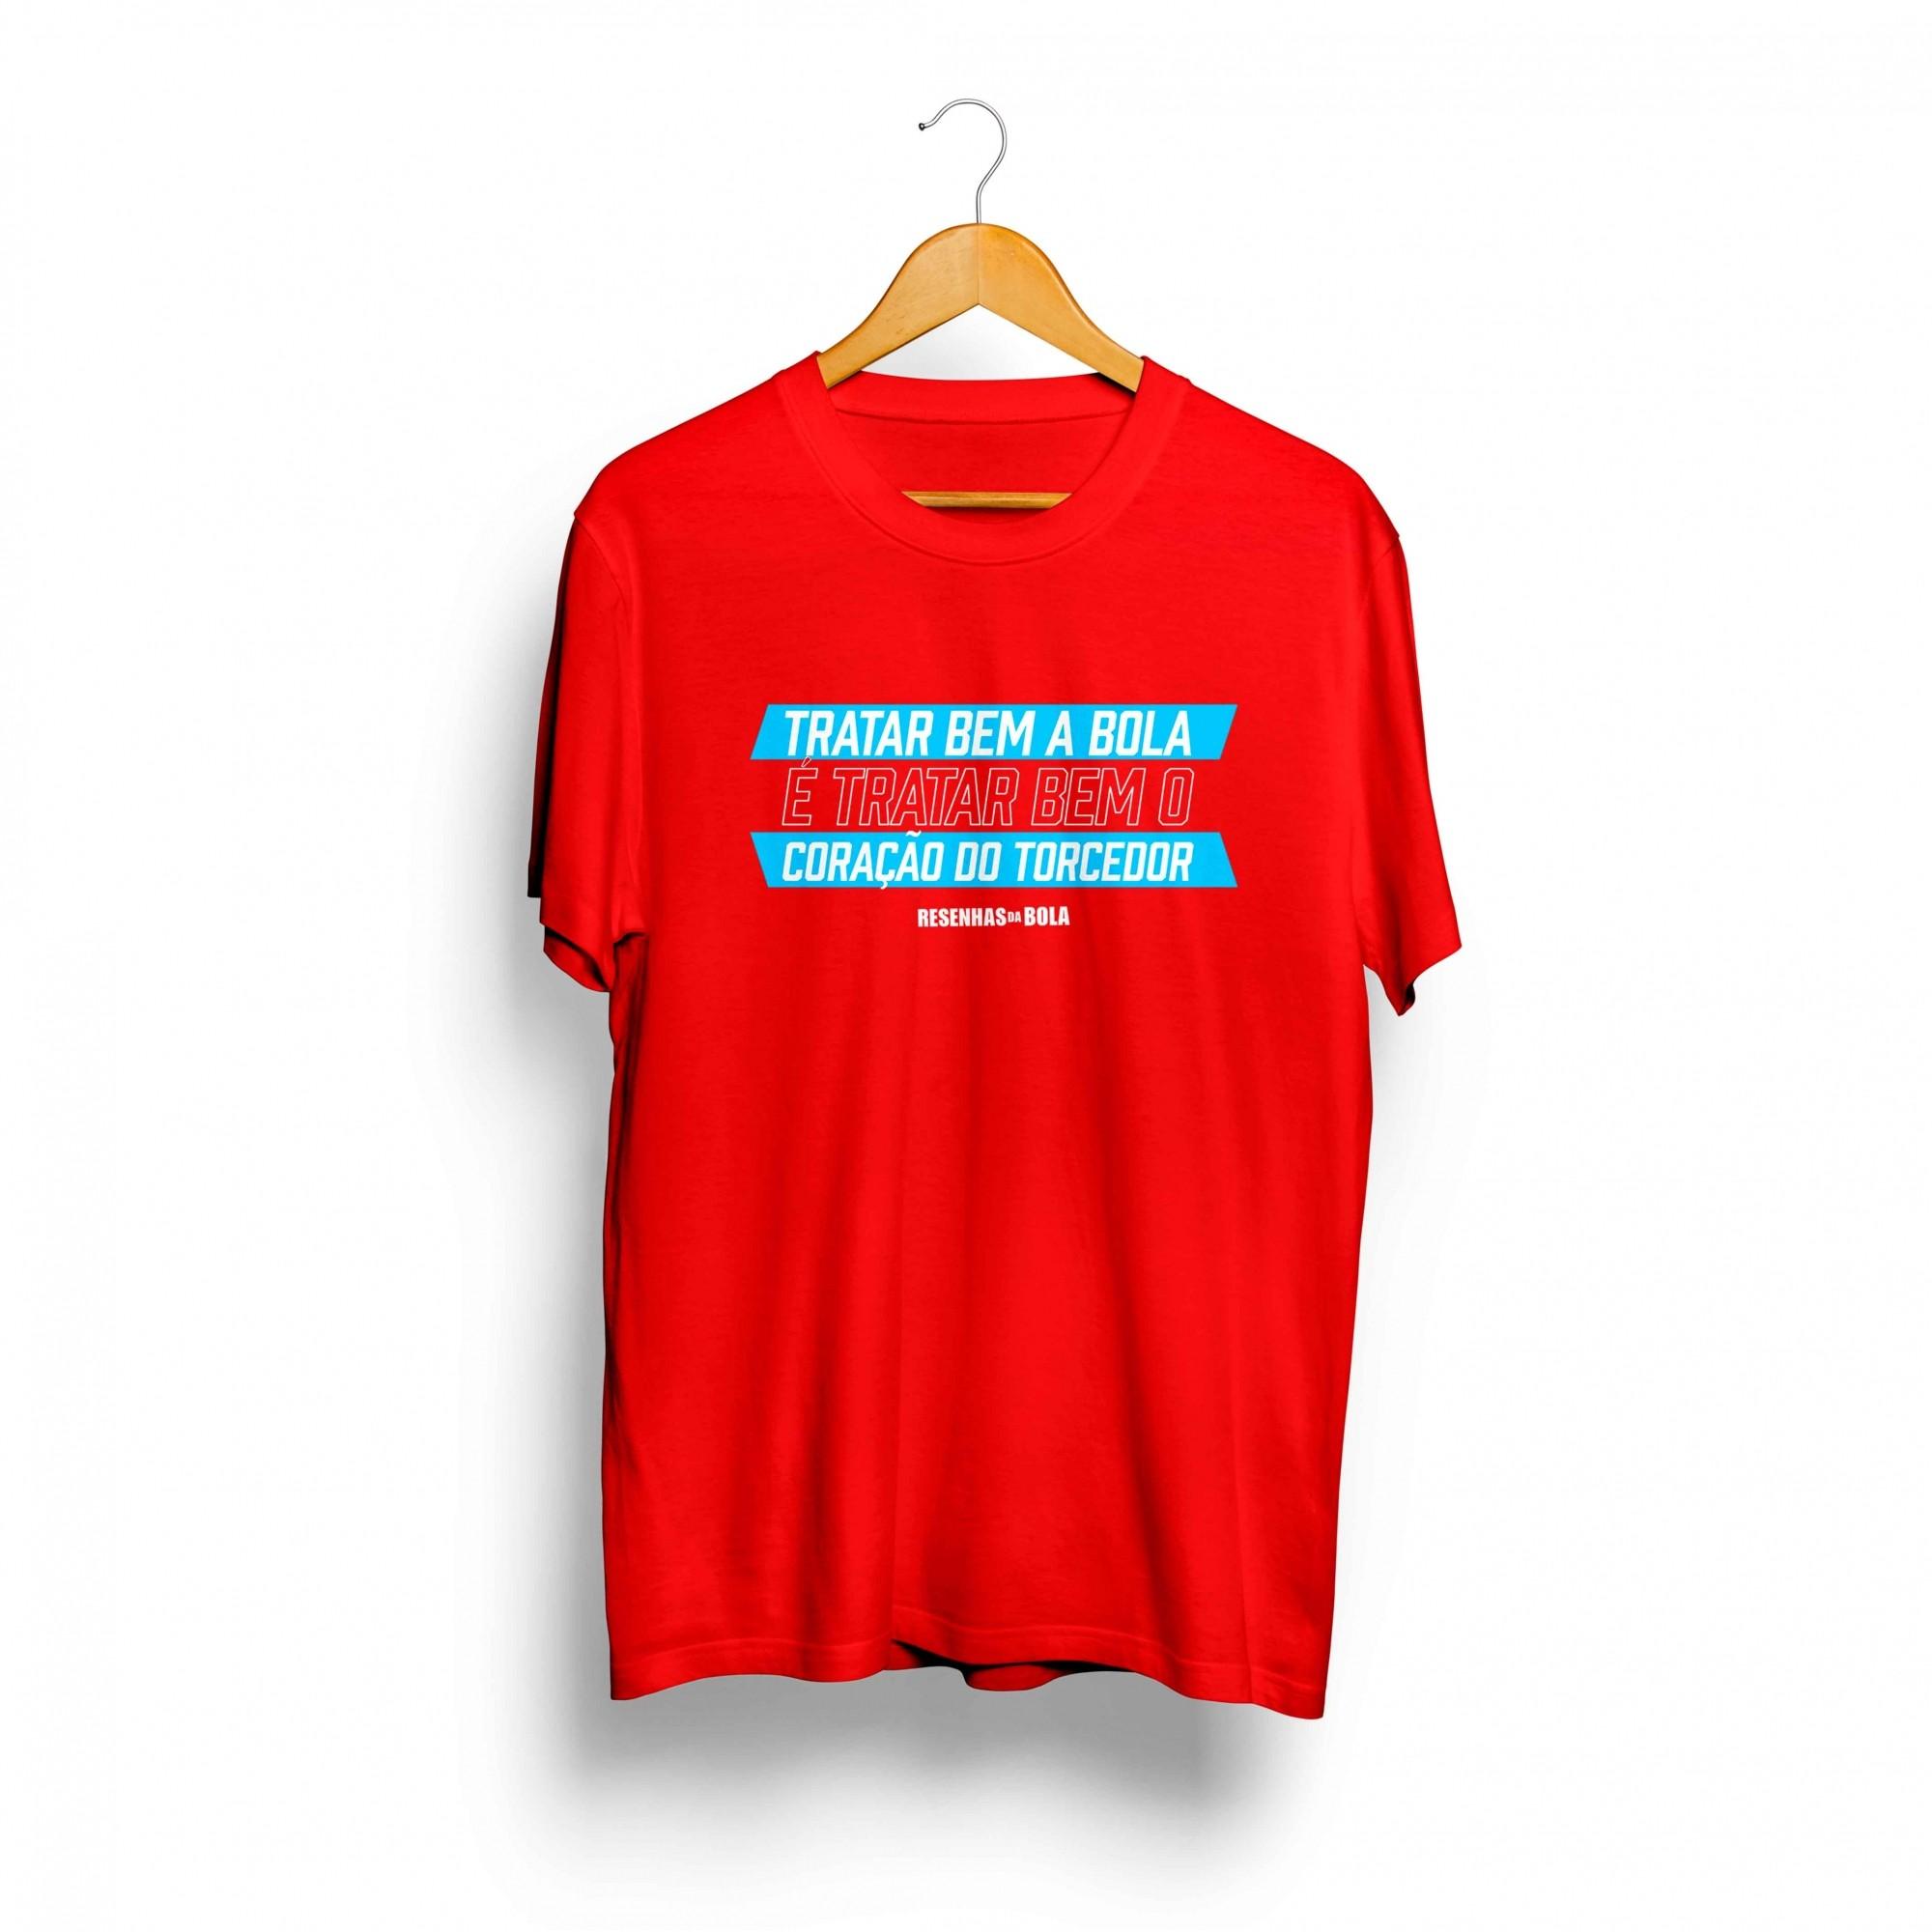 Camiseta - TRATAR BEM A BOLA É TRATAR BEM O CORAÇÃO DO TORCEDOR - Masculino